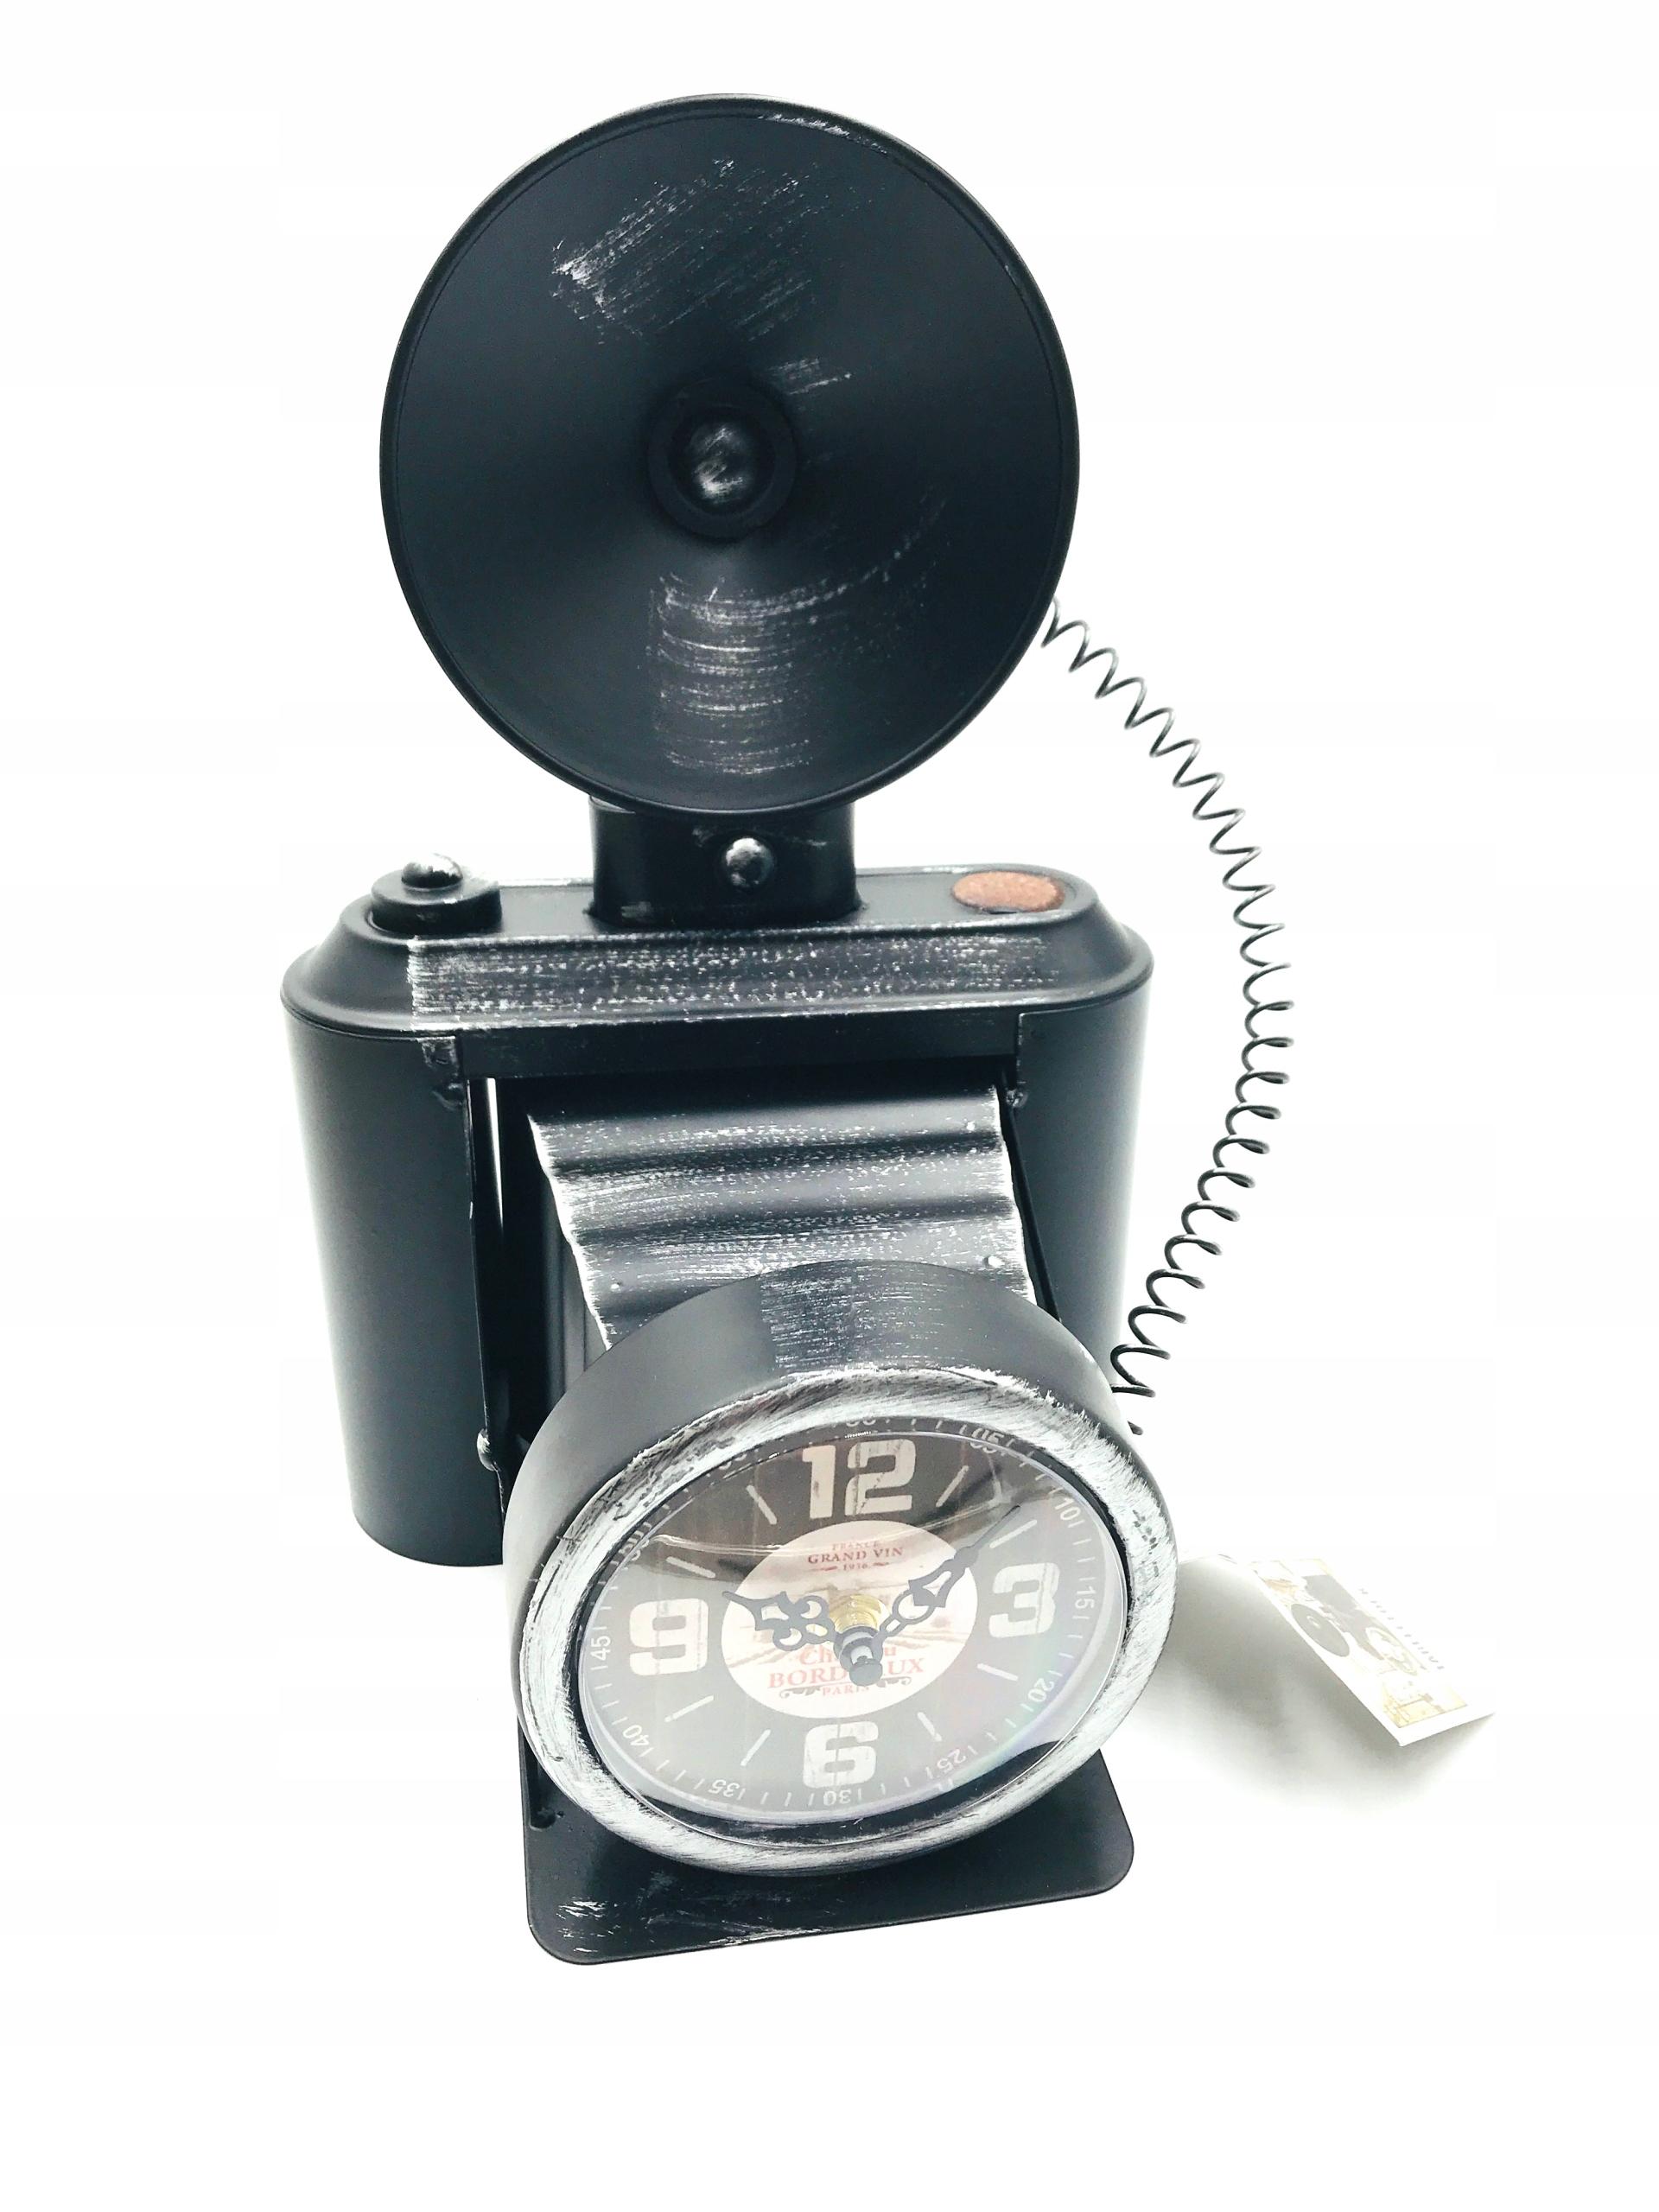 Hodiny - retro fotoaparát, krásny, štýlový kov, podkrovie.